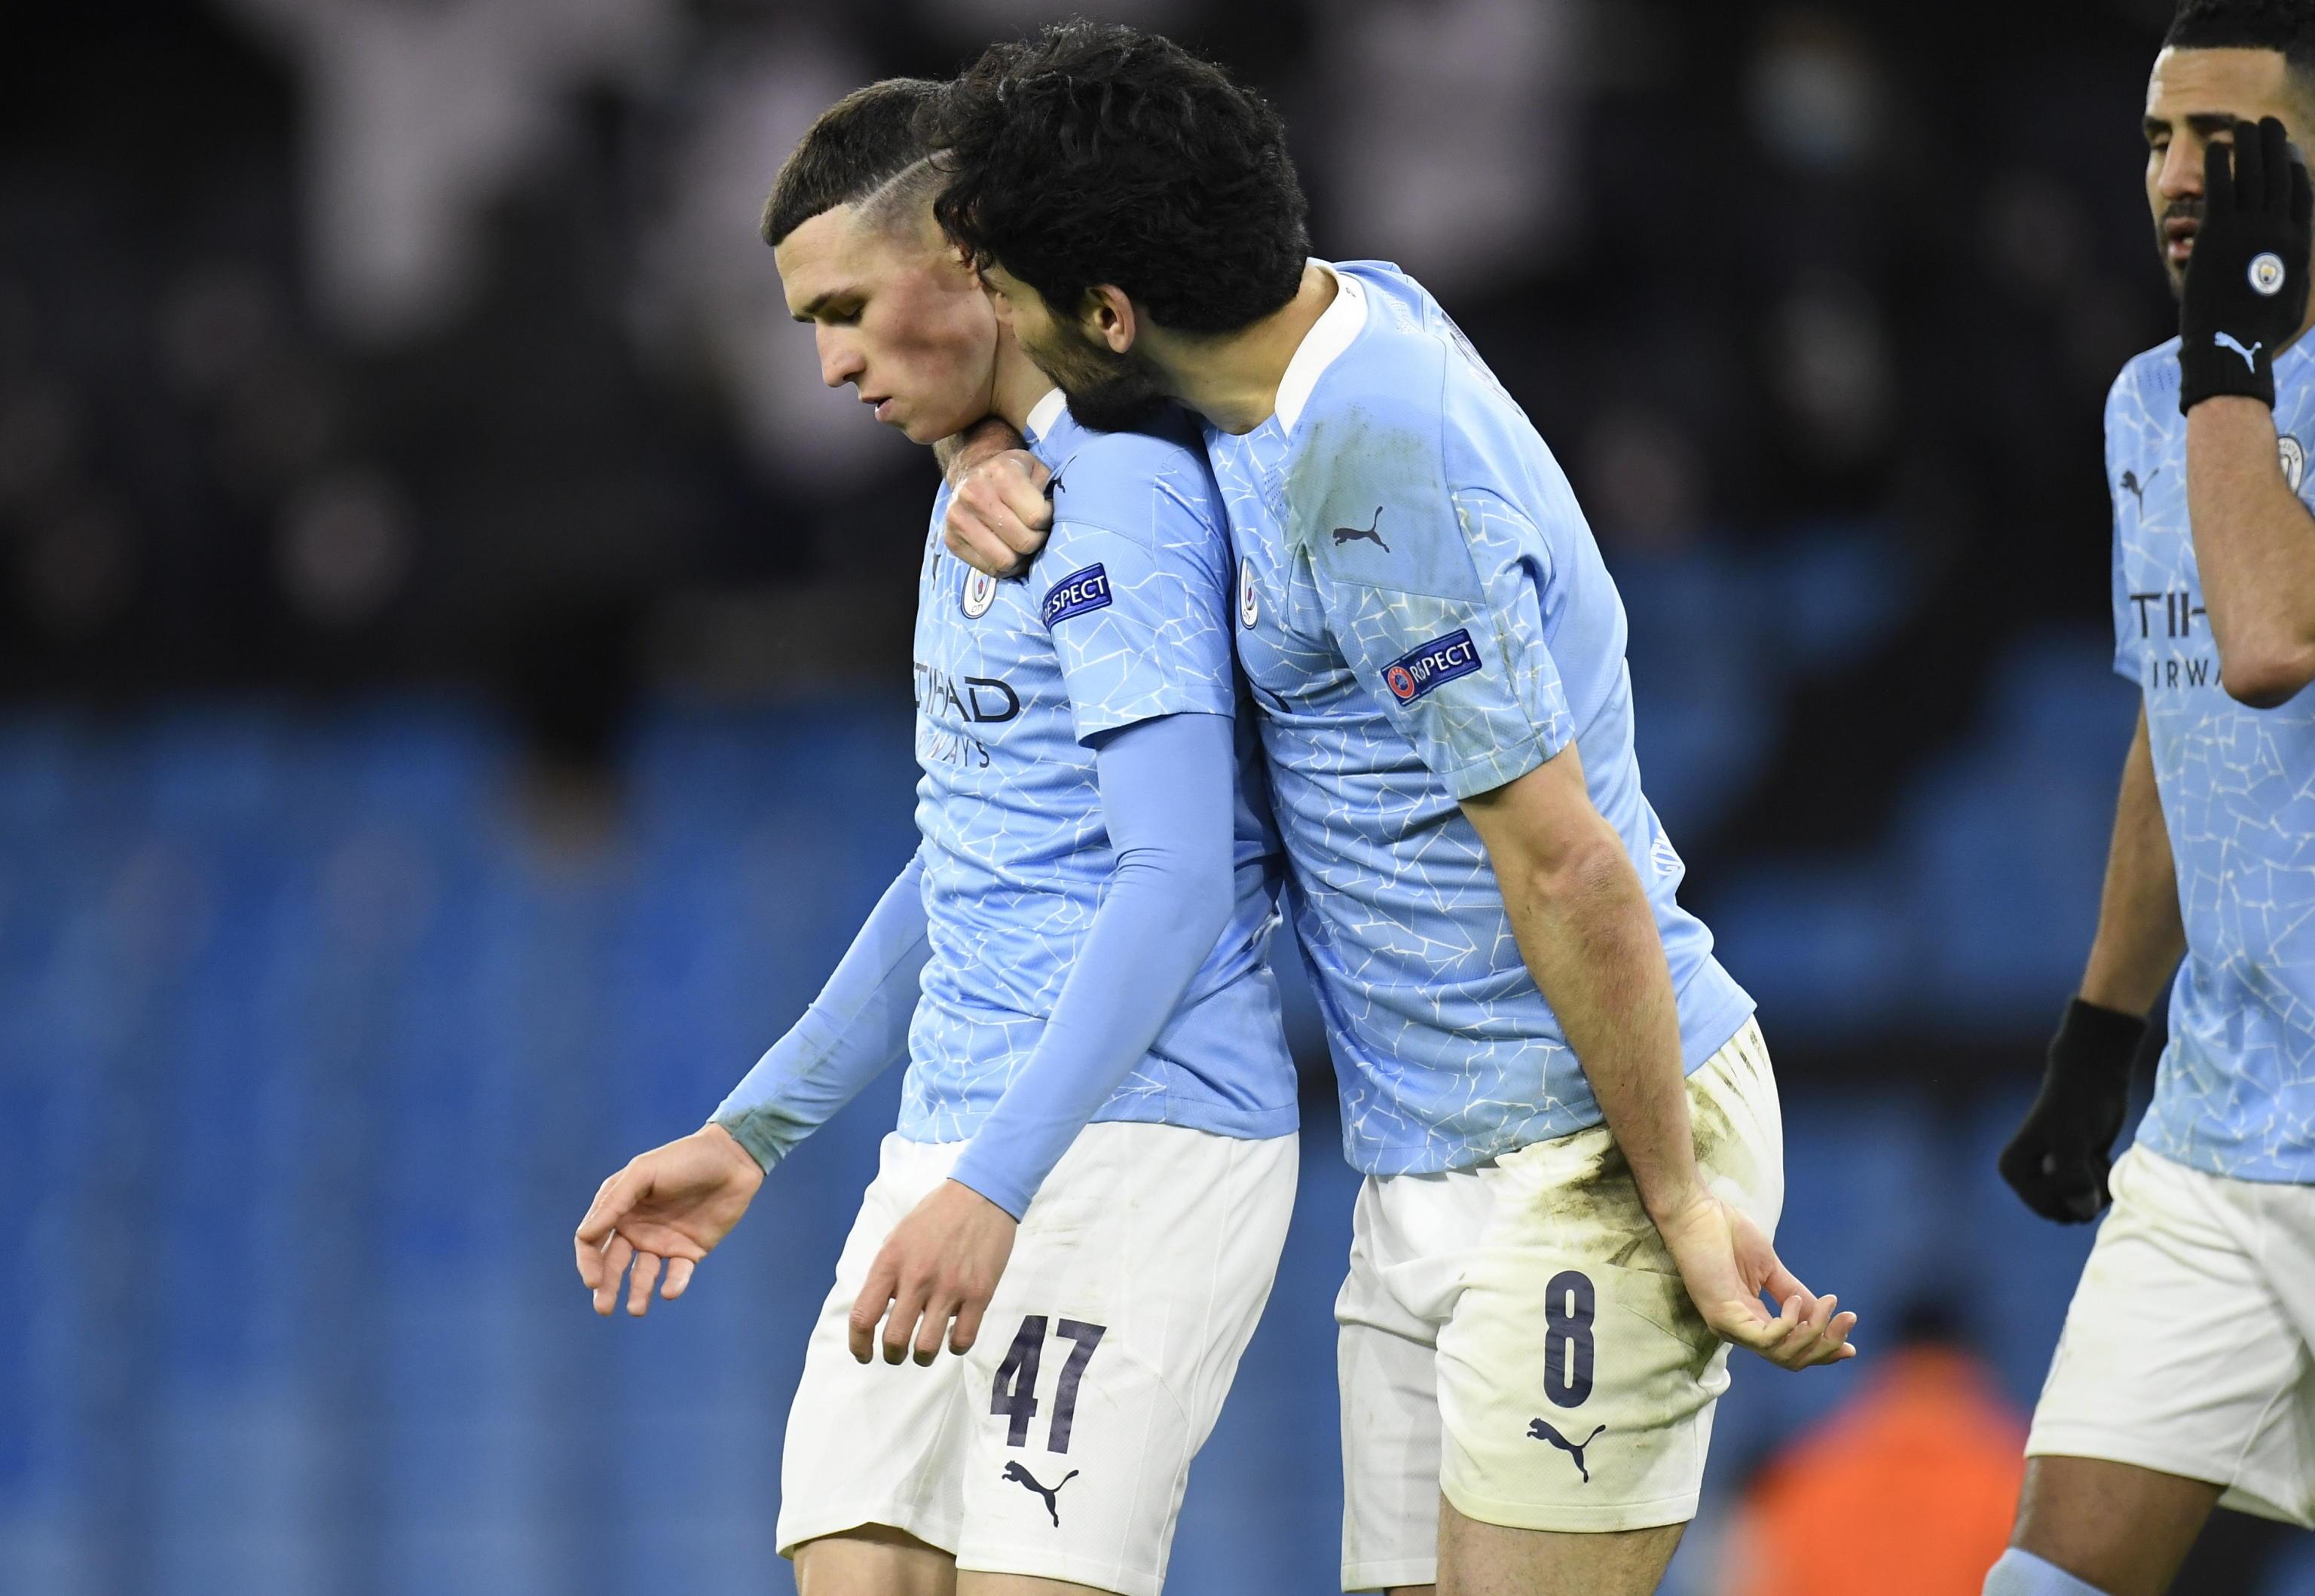 Superlega, il Manchester City si chiama fuori e le altre inglesi lo seguono: 6 squadre lasciano il torneo